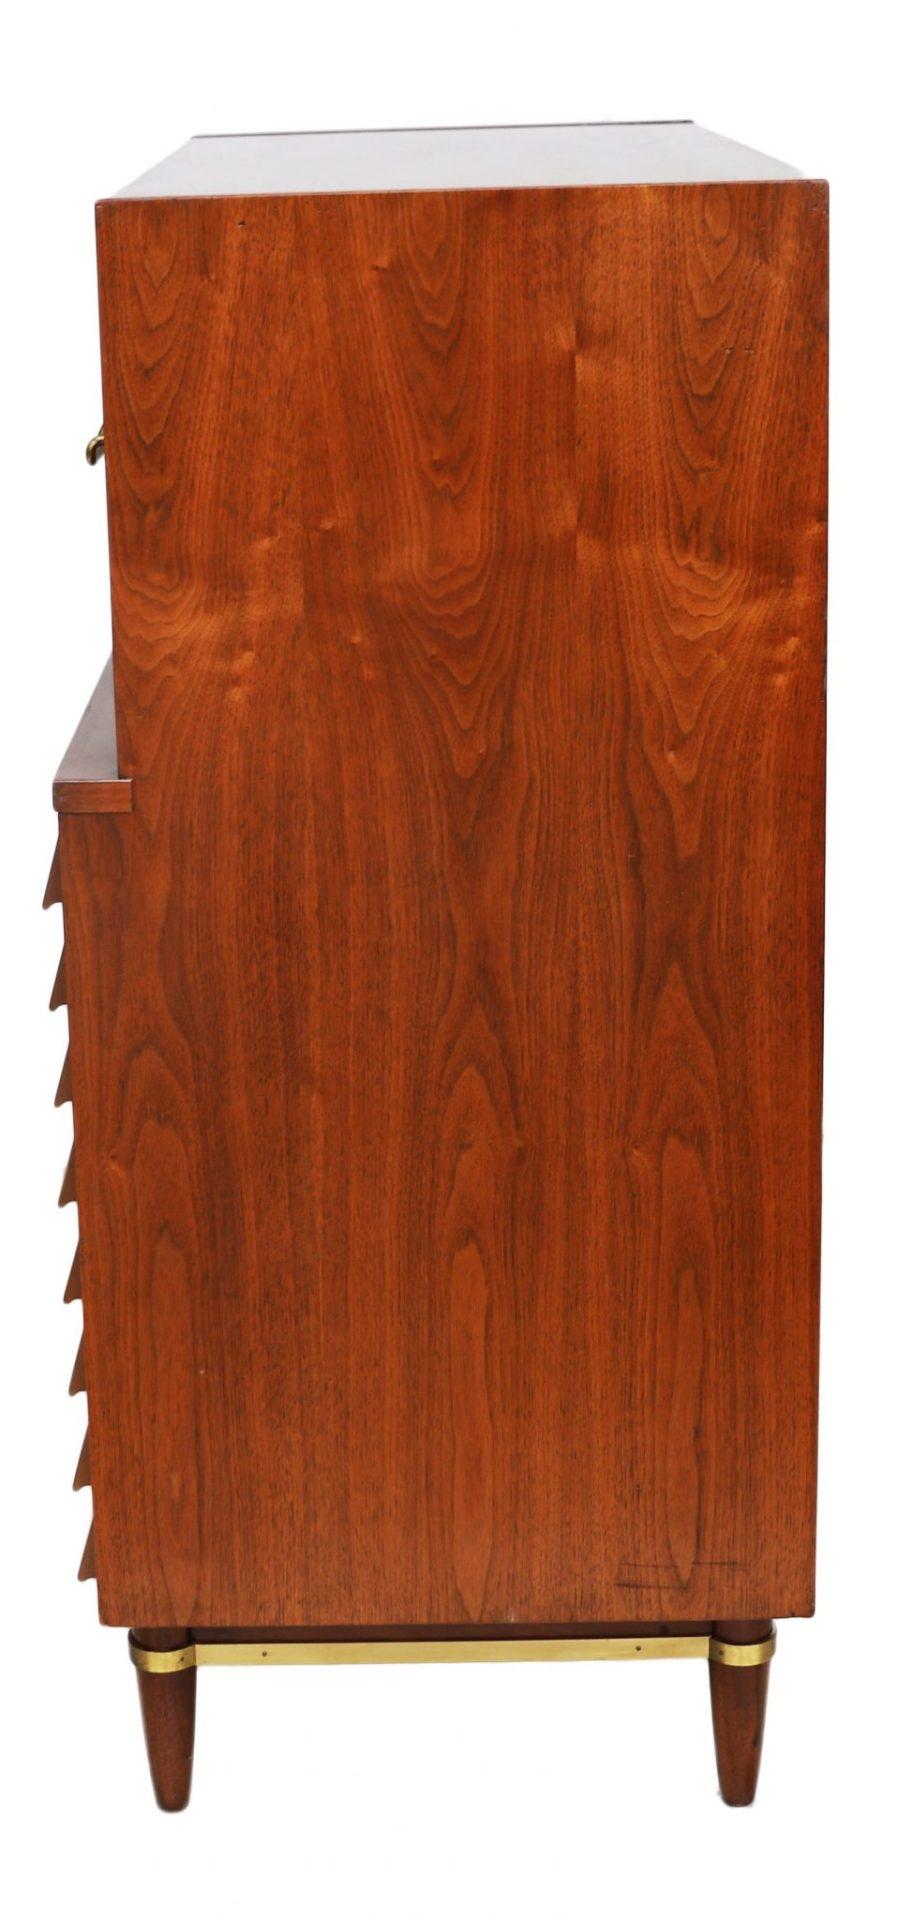 American Martinsville High Boy Walnut Dresser Chest Mid